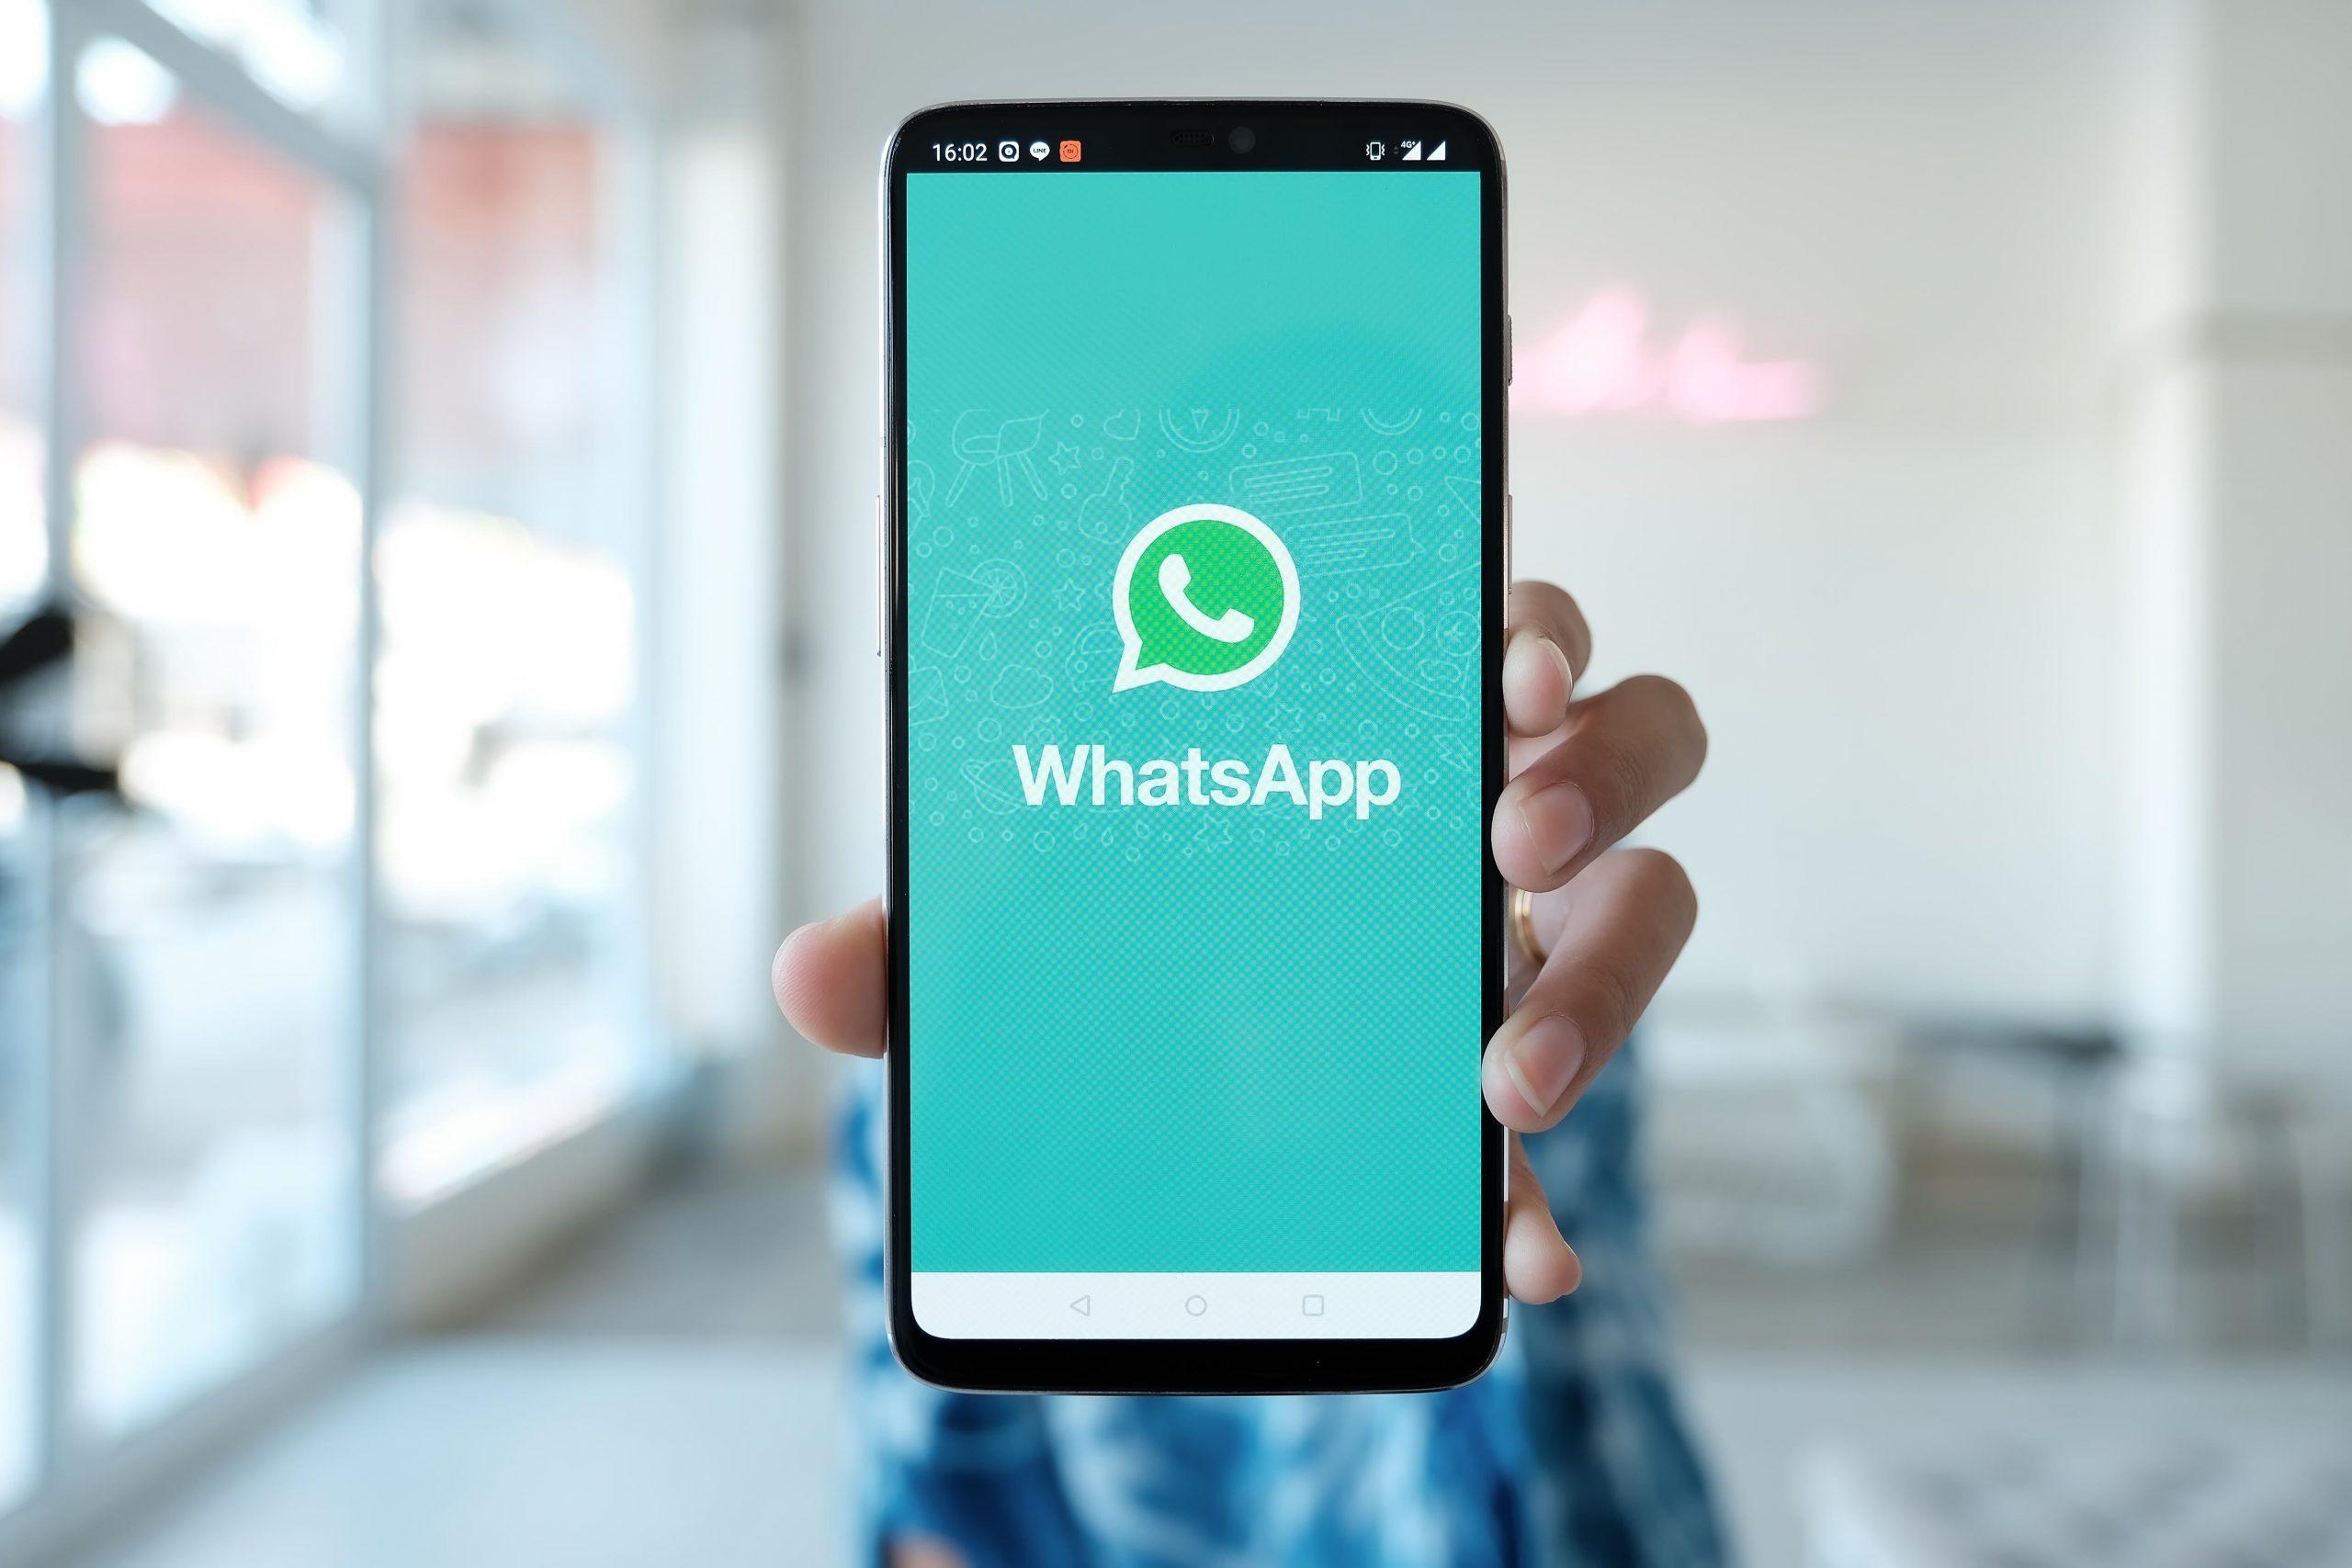 WhatsApp entra com ação contra empresas por envio de mensagens em massa